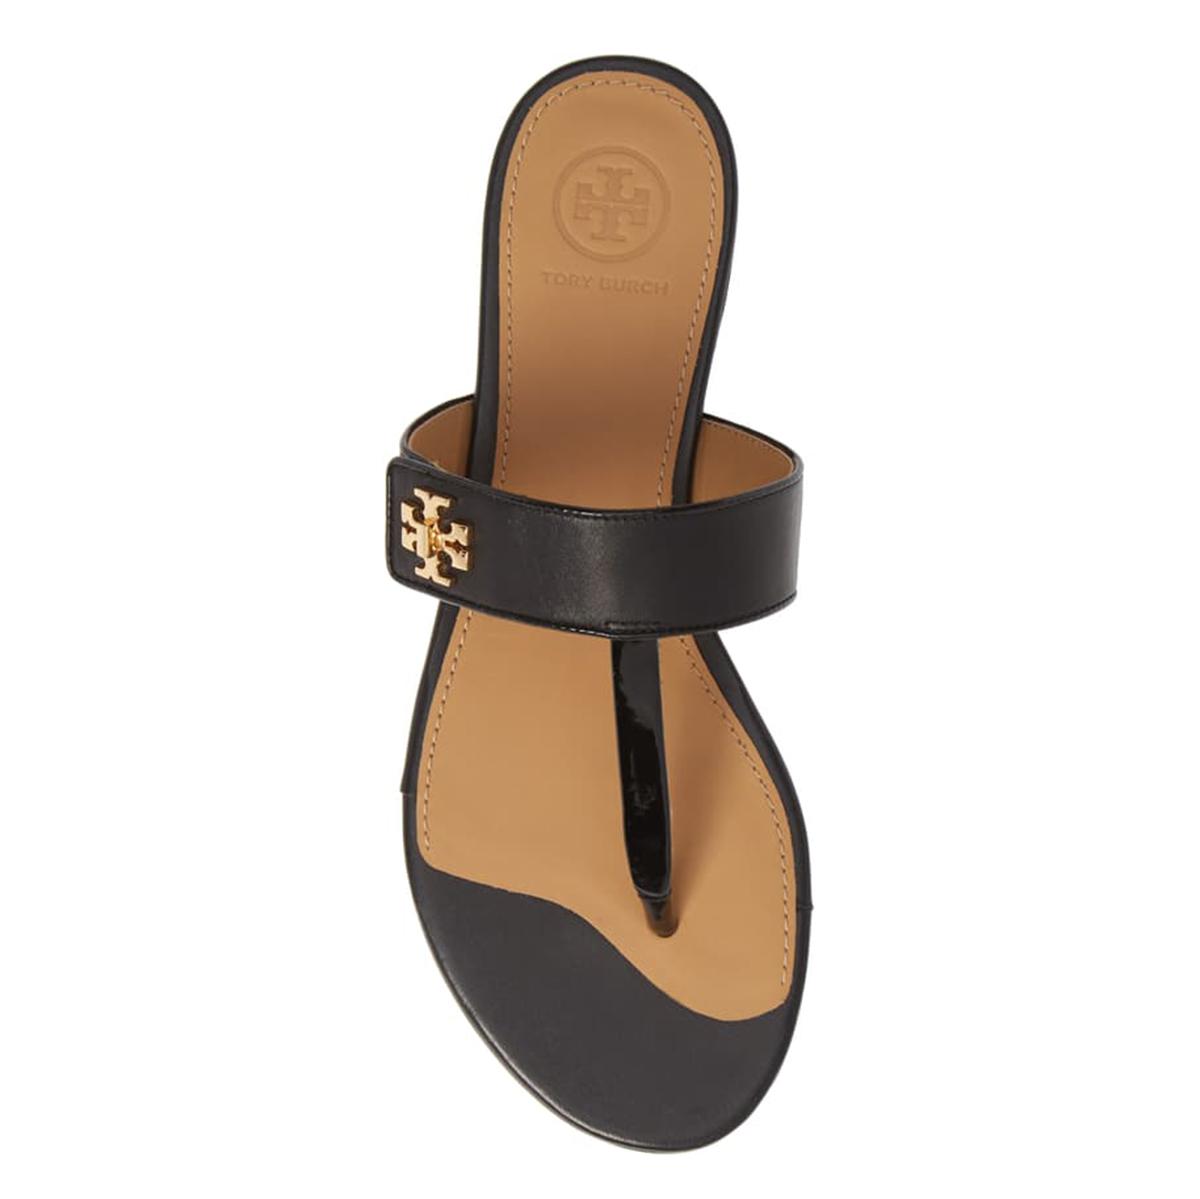 Tory Burch Shoes Black